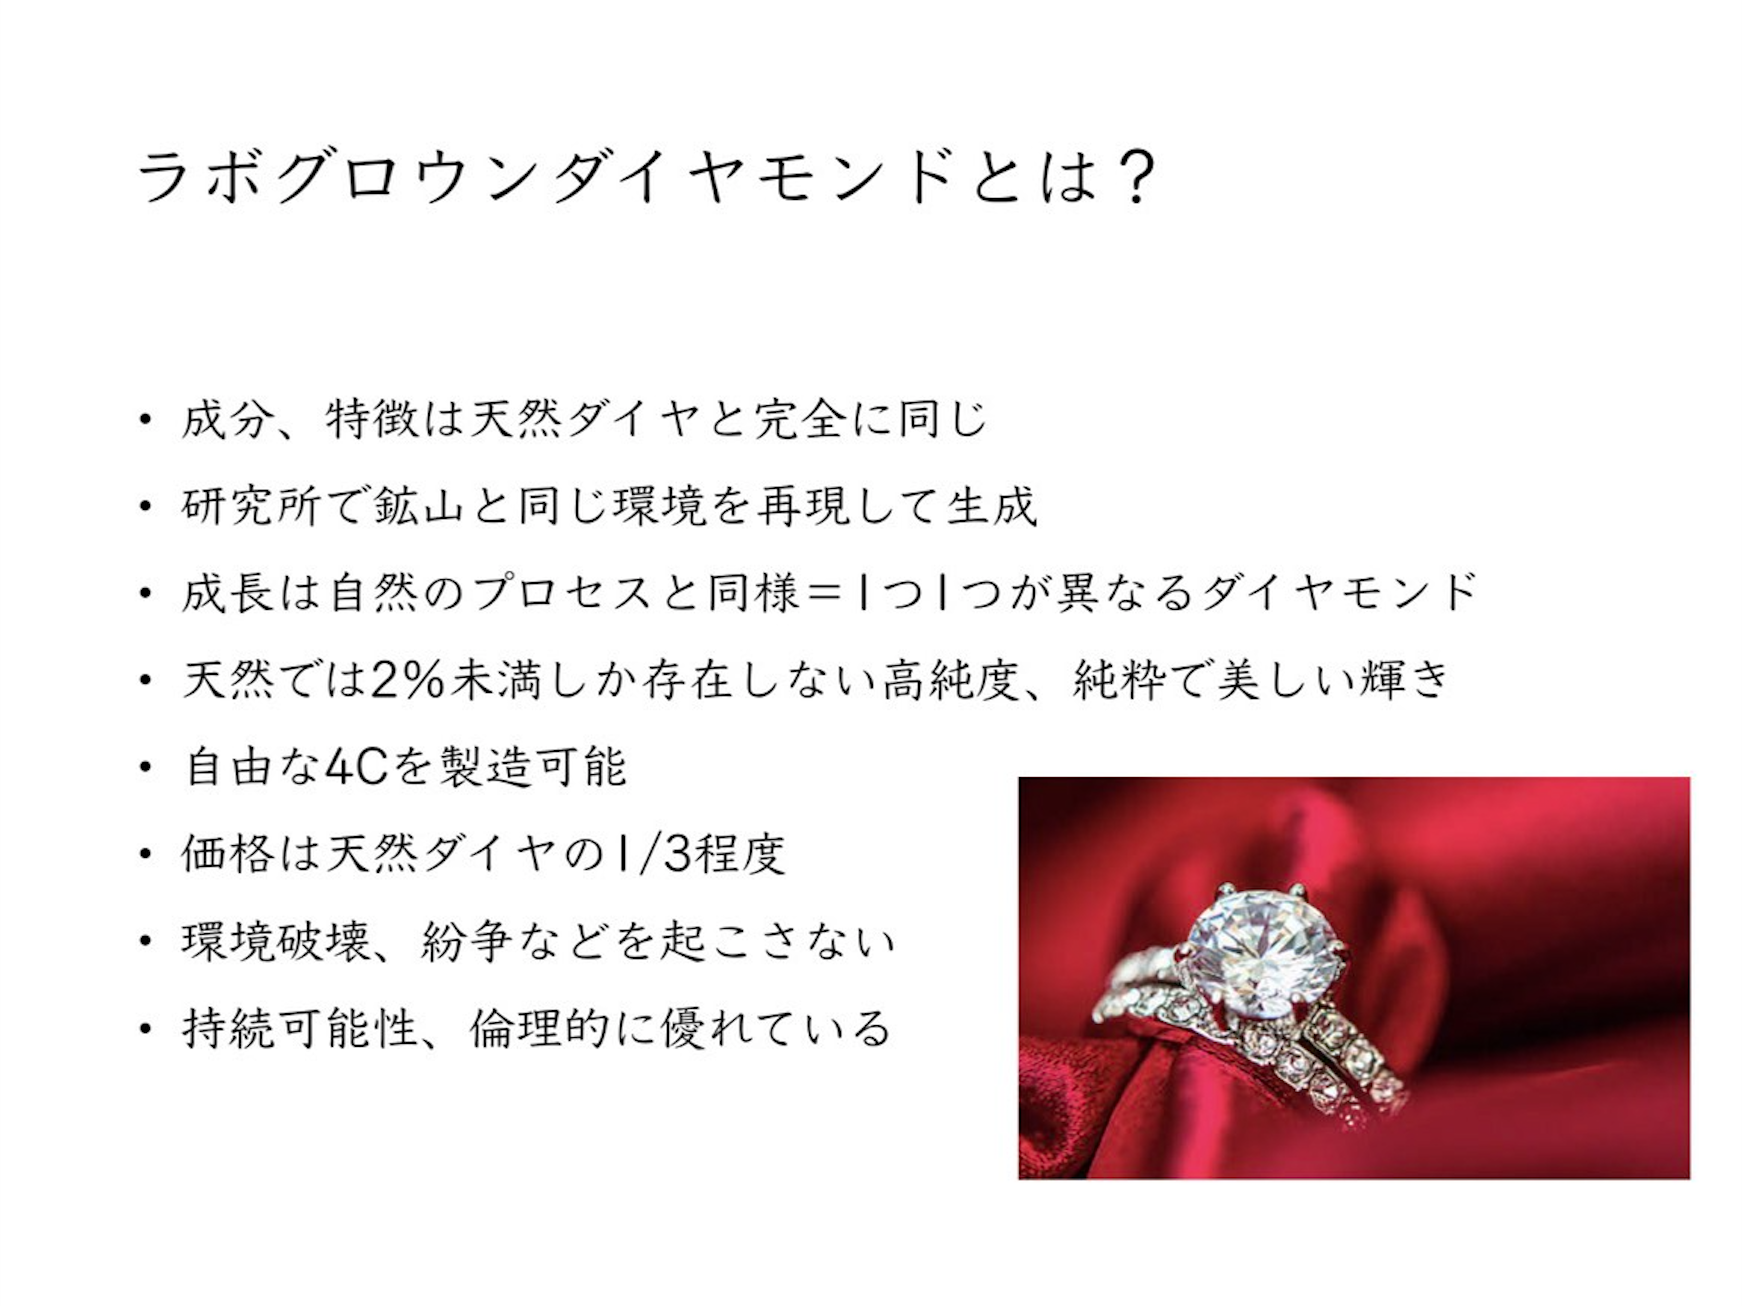 ラボグロウンダイヤモンドとは? 天然ダイヤモンドとの違いなどを徹底解説